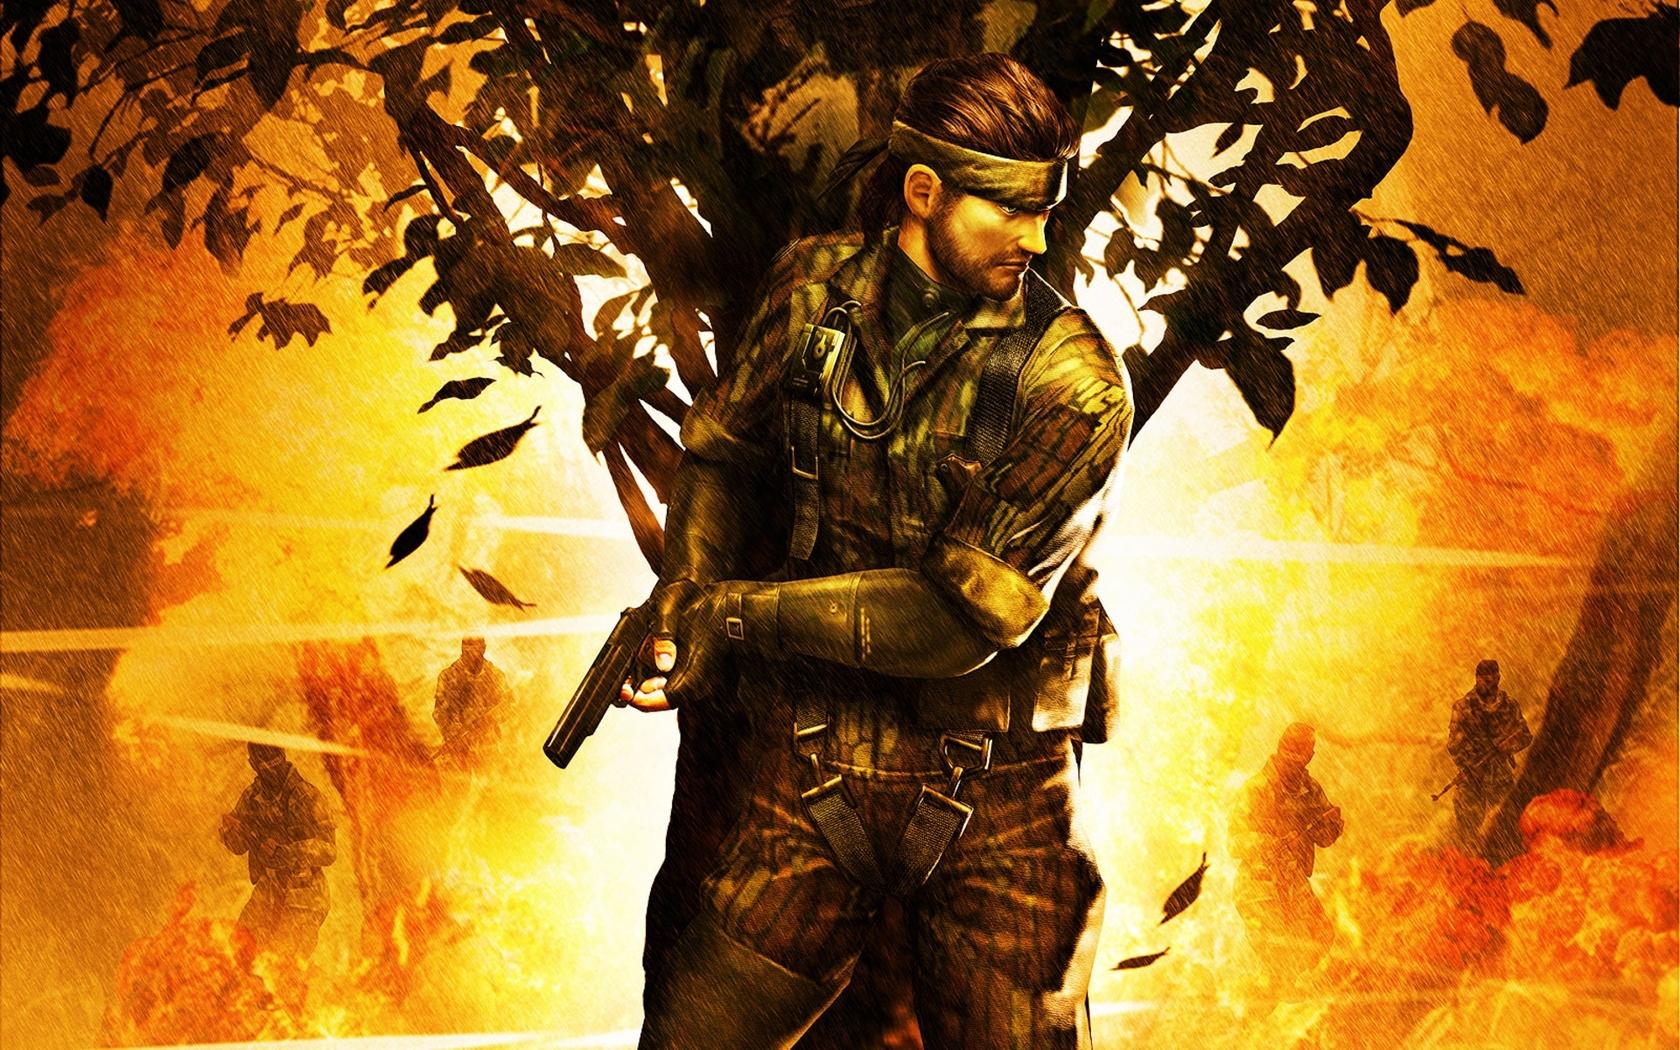 Фанаты MGS:Snake Eater в ярости от ремейка игры для игровых автоматов